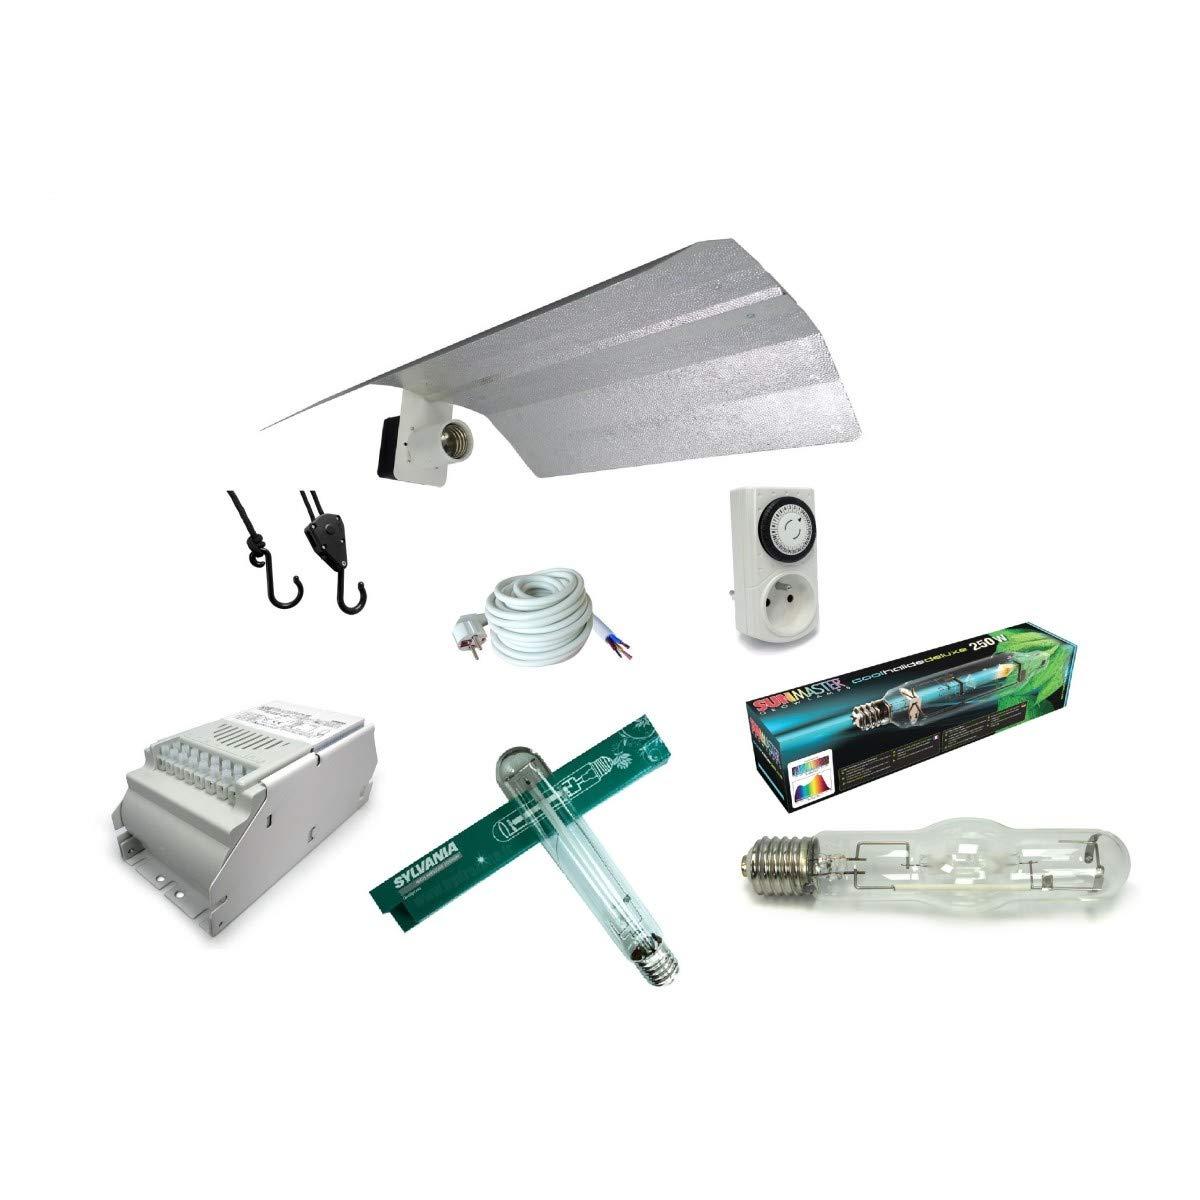 fornire un prodotto di qualità Kit lampada 250 250 250 W – Mh SunMaster + shp-ts groxpress  il più alla moda